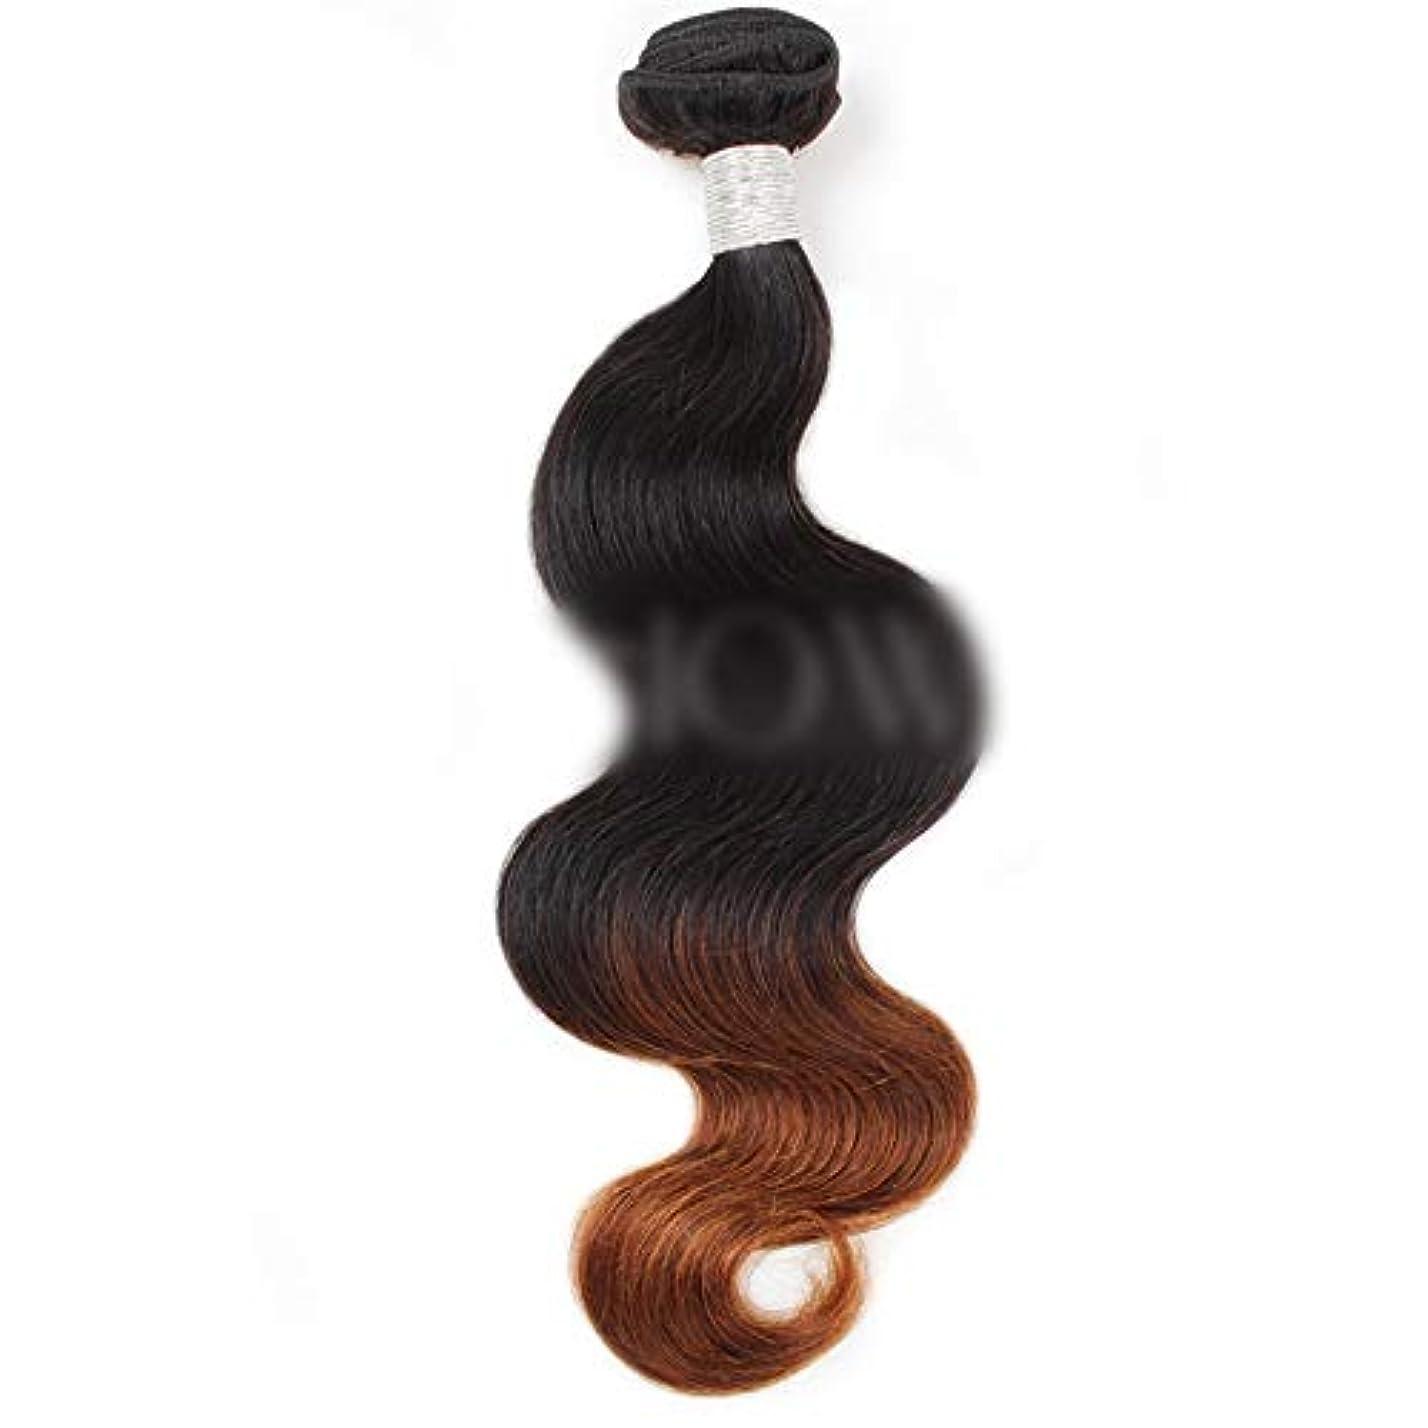 仮説模索トラップWASAIO クロージャ本体ブラジル髪バンドルバージン有するヒト織り - 1B / 4#2トーンカラーリング (色 : ブラウン, サイズ : 20 inch)